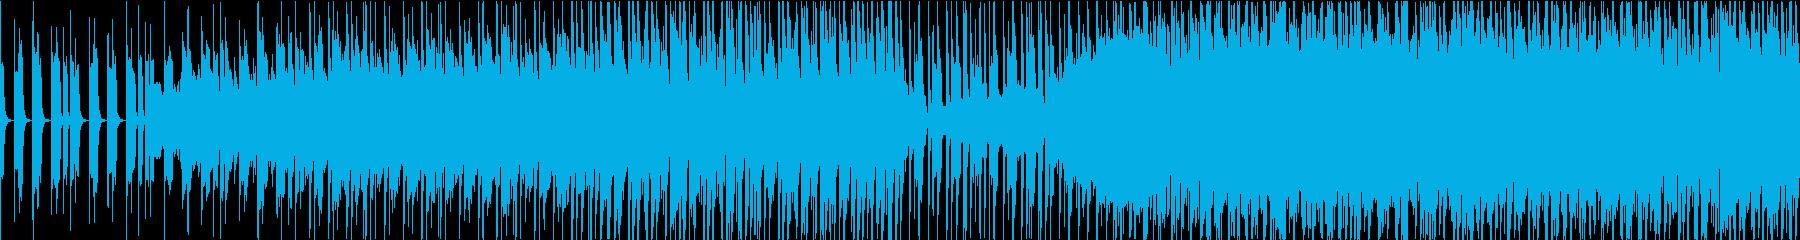 カワイイ系、サワヤカなシンセポップBGMの再生済みの波形